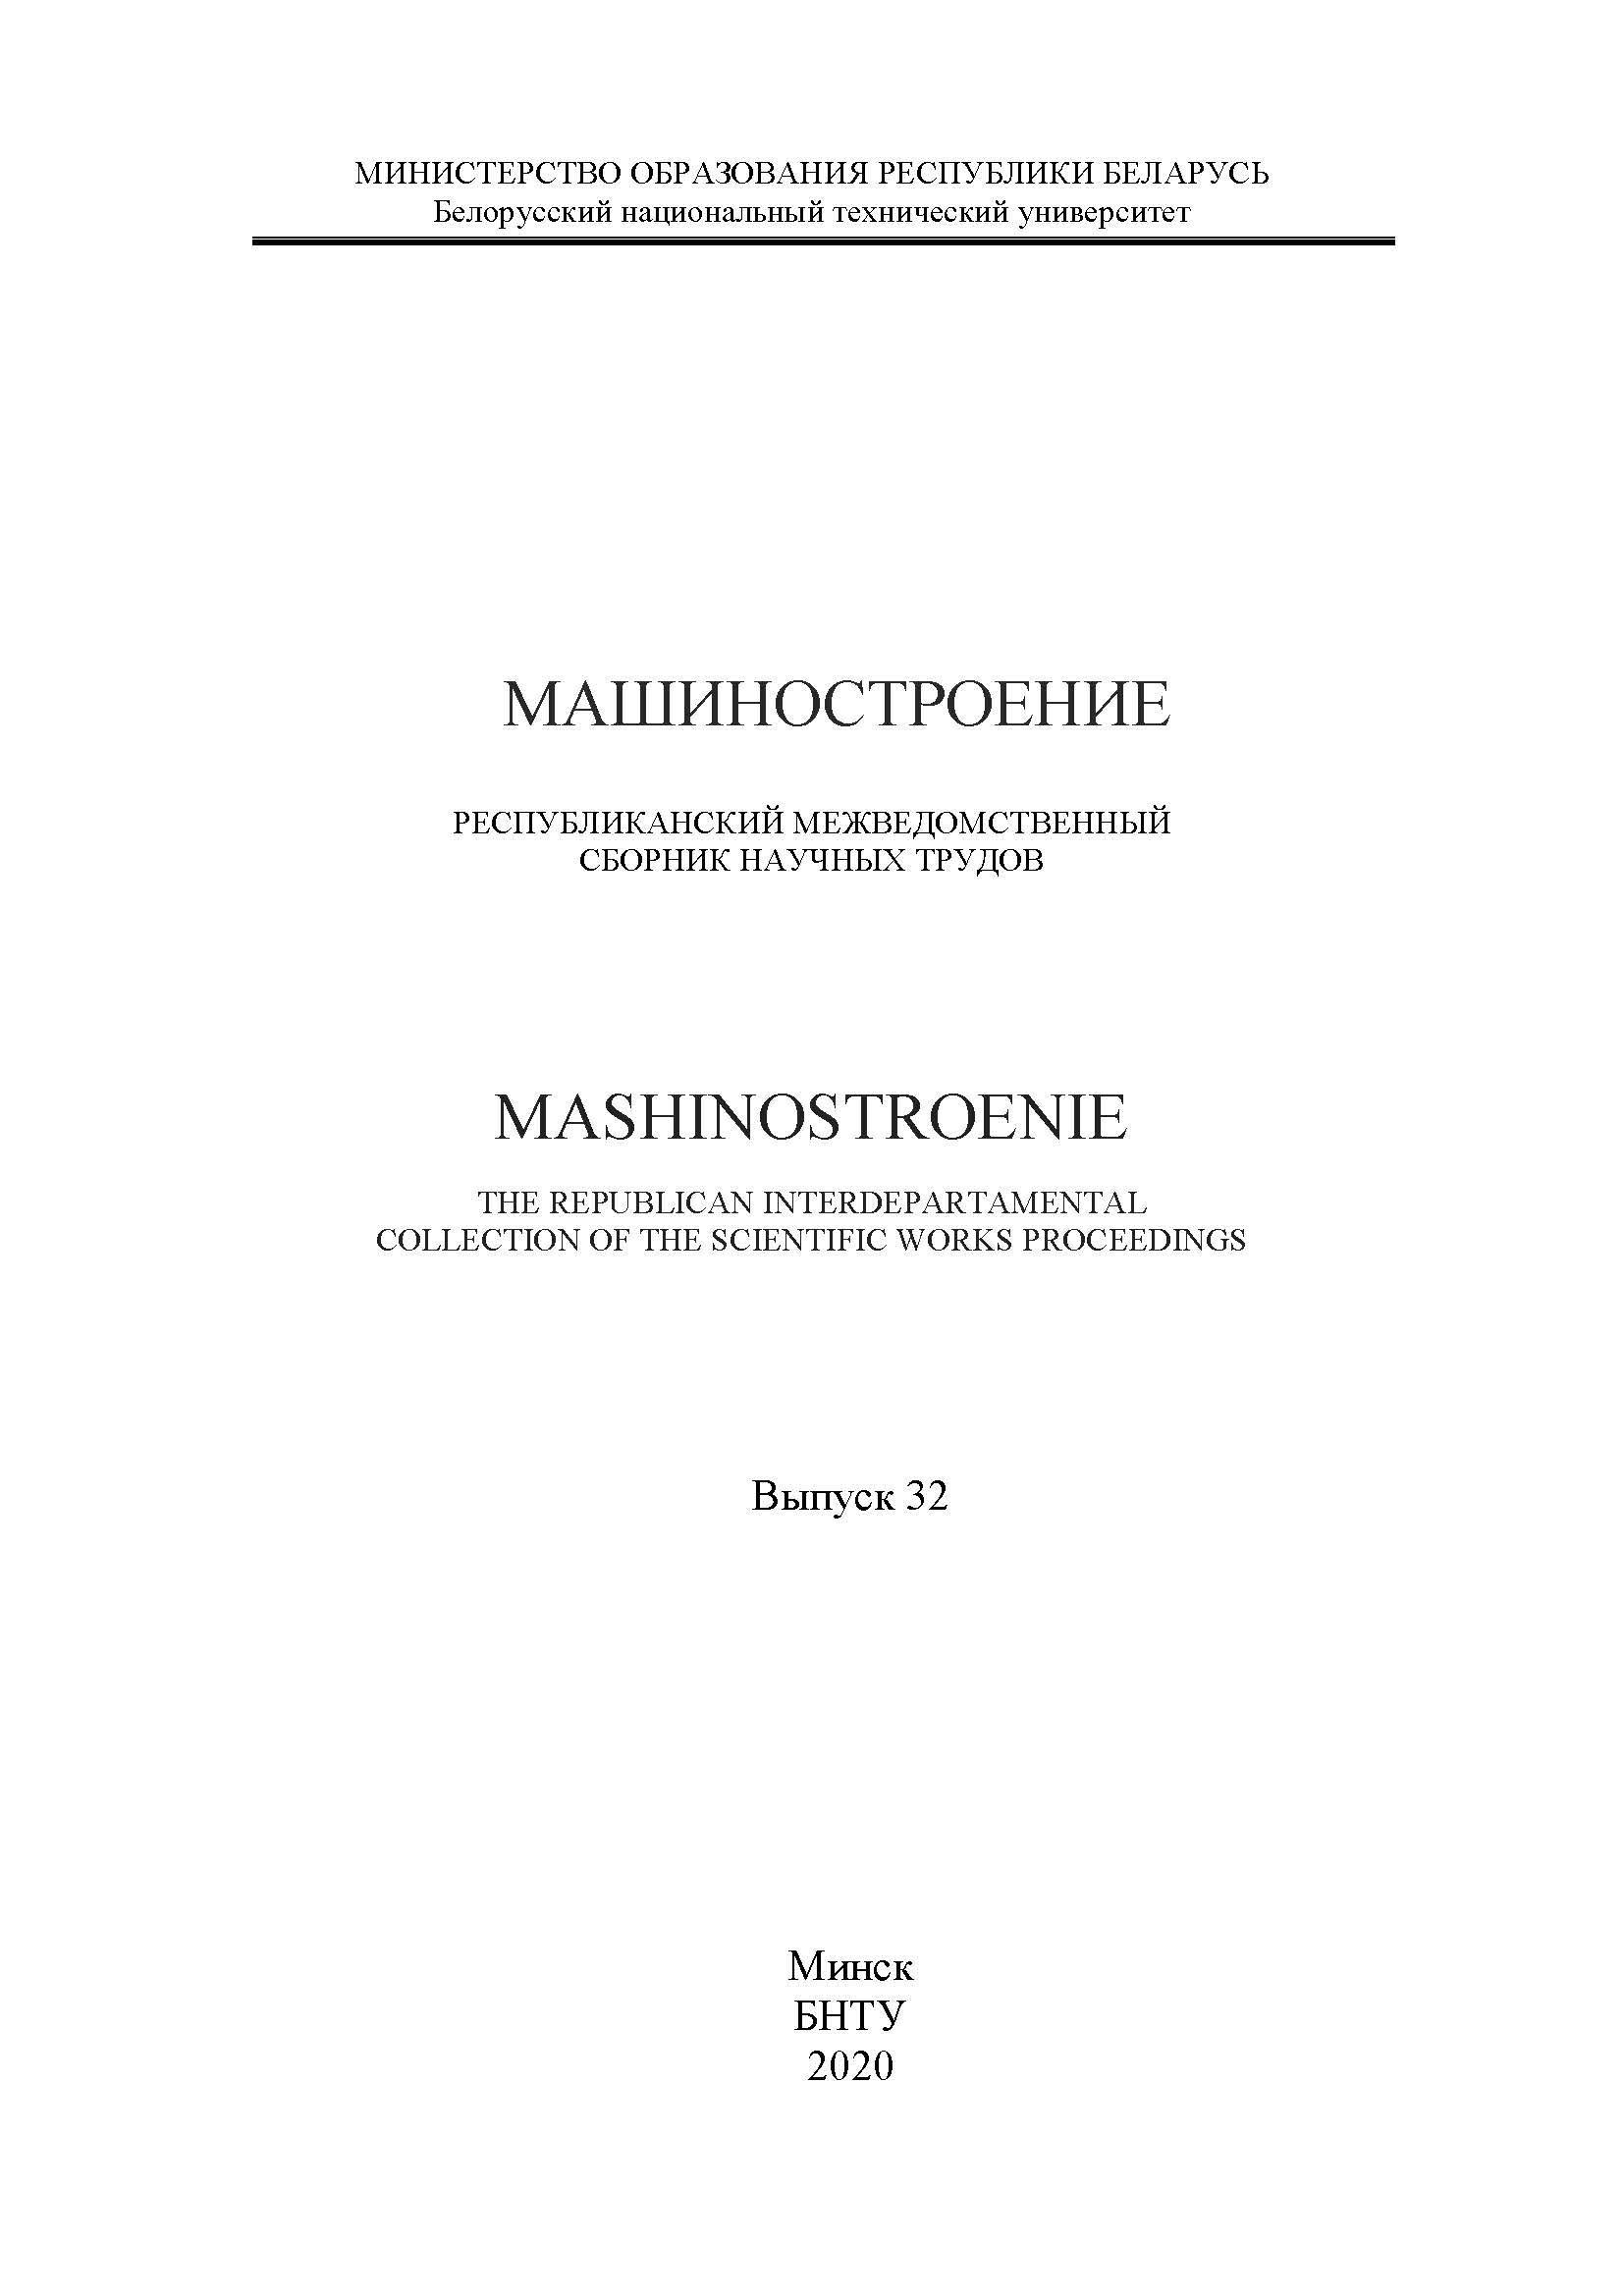 Сборник научных трудов «Машиностроение»